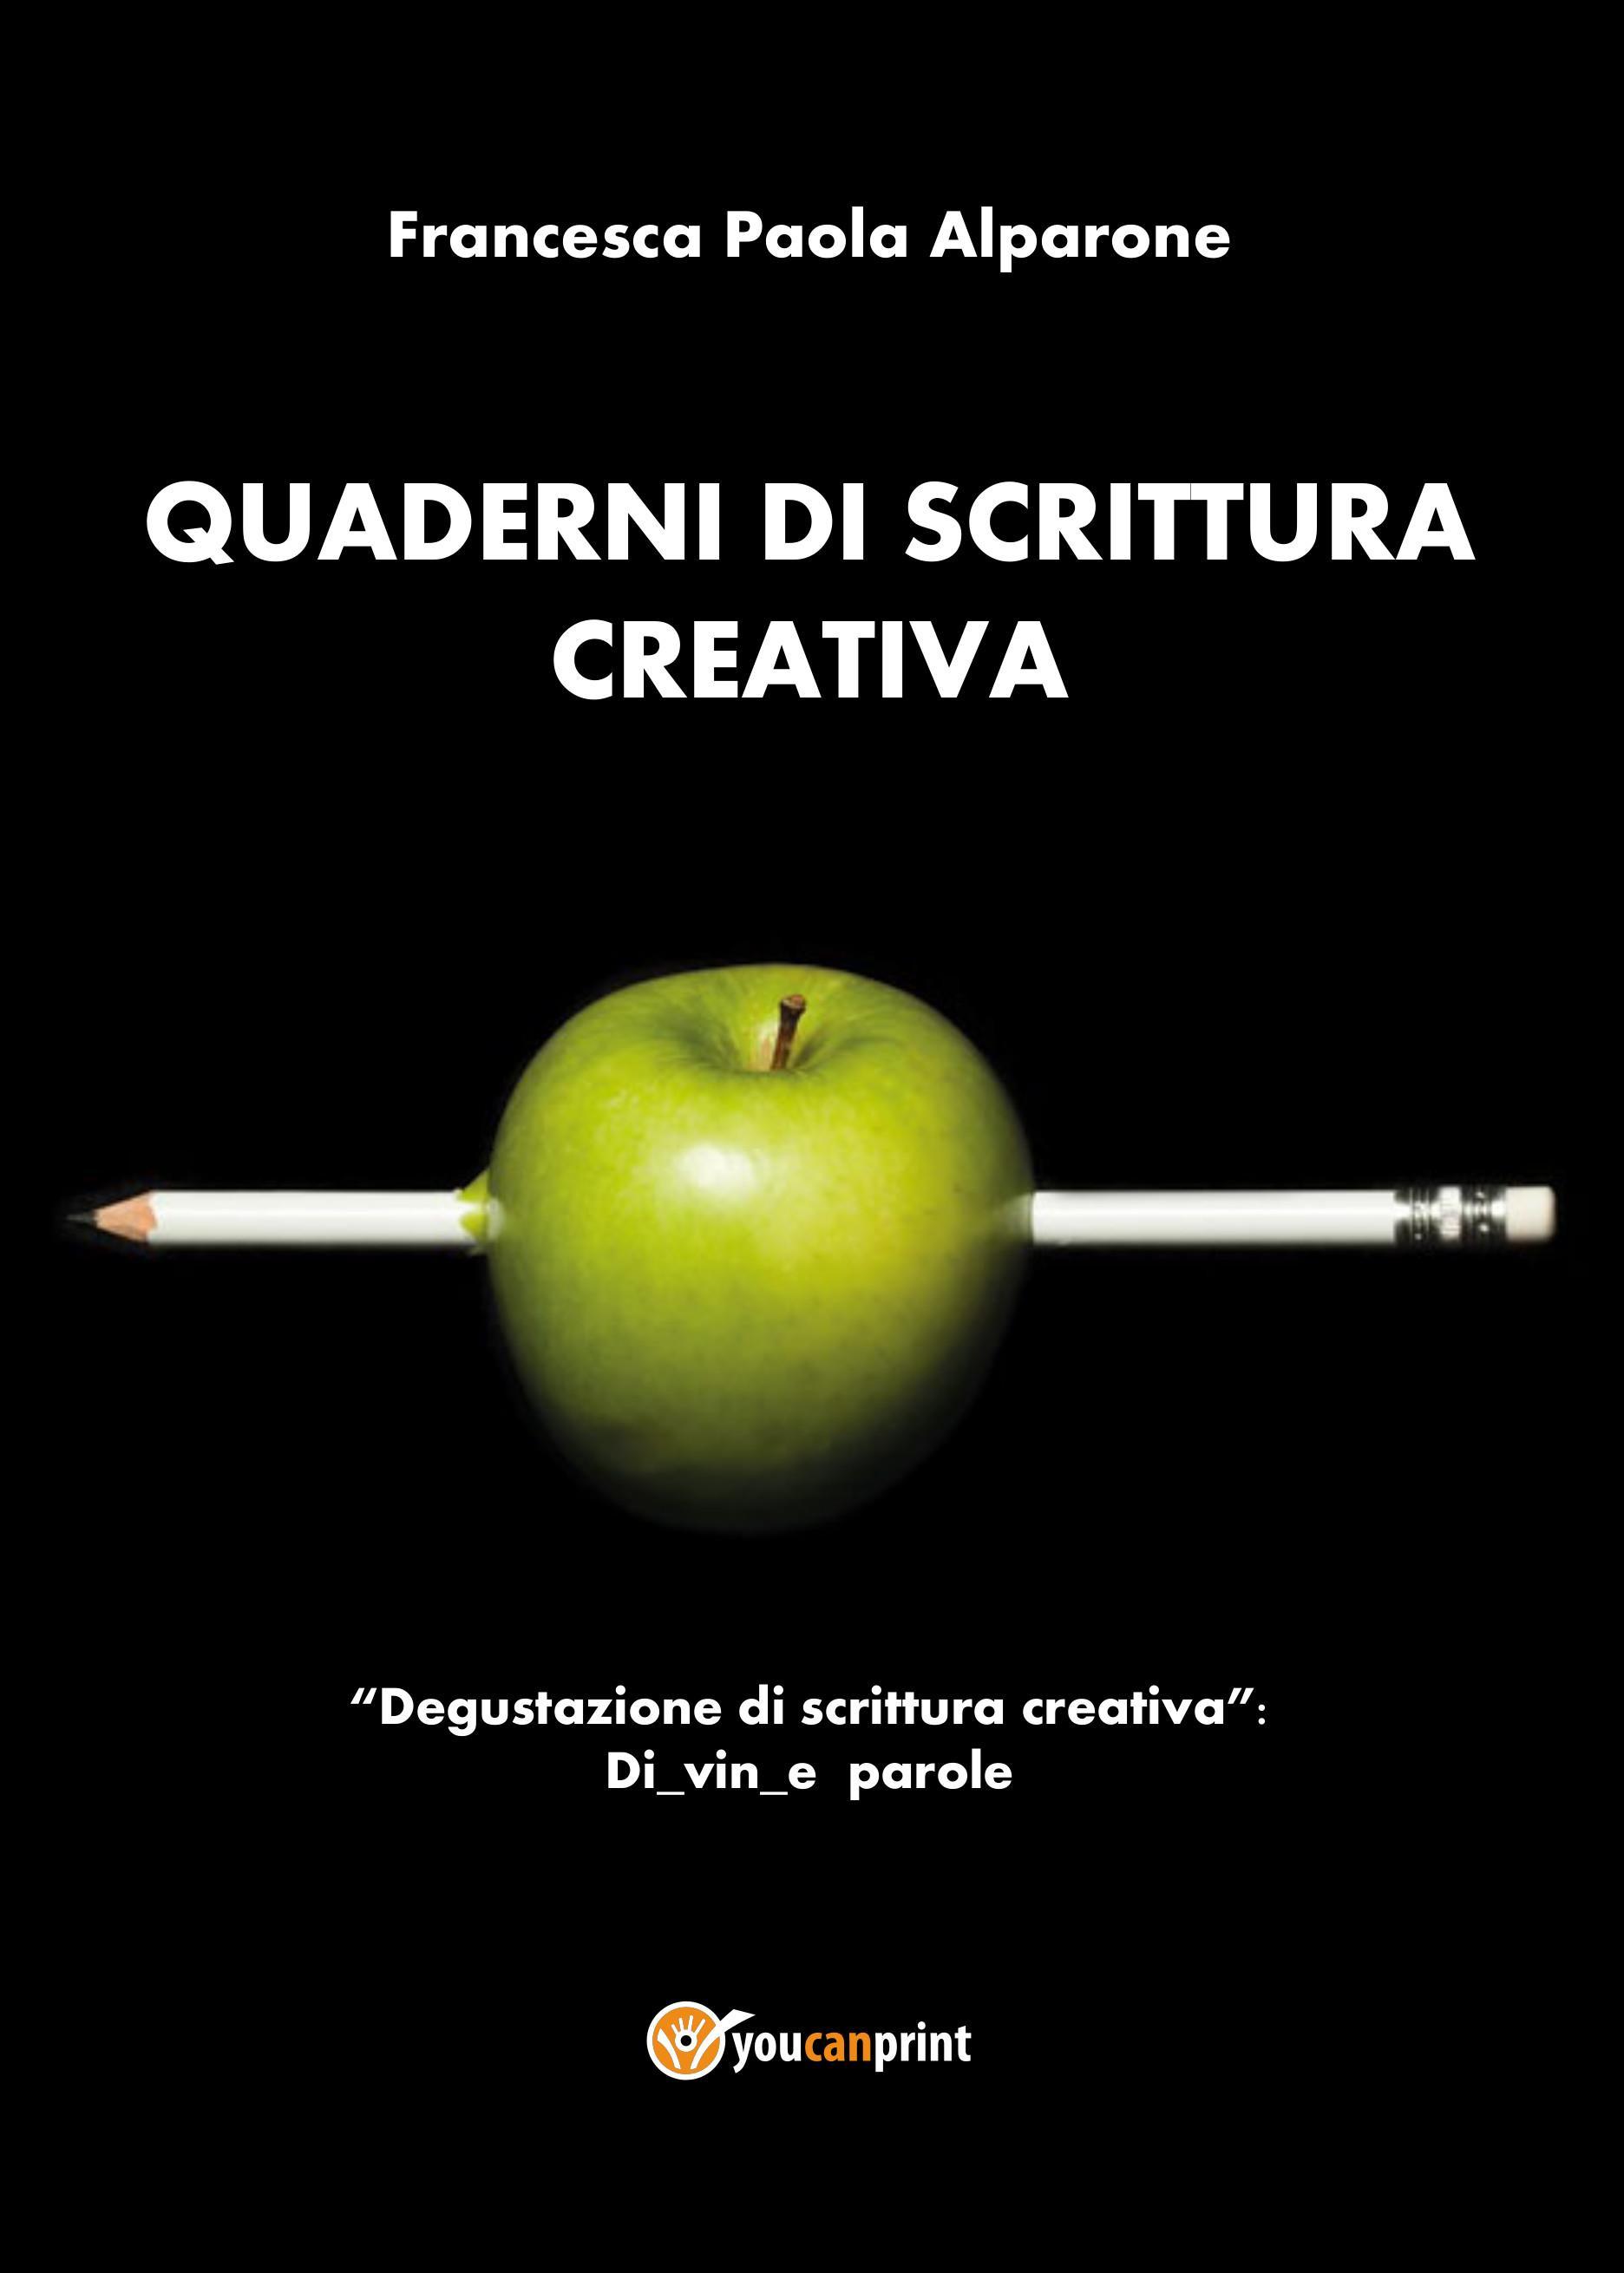 Quaderni di scrittura creativa. Degustazione di scrittura creativa: Di_vin_e parole